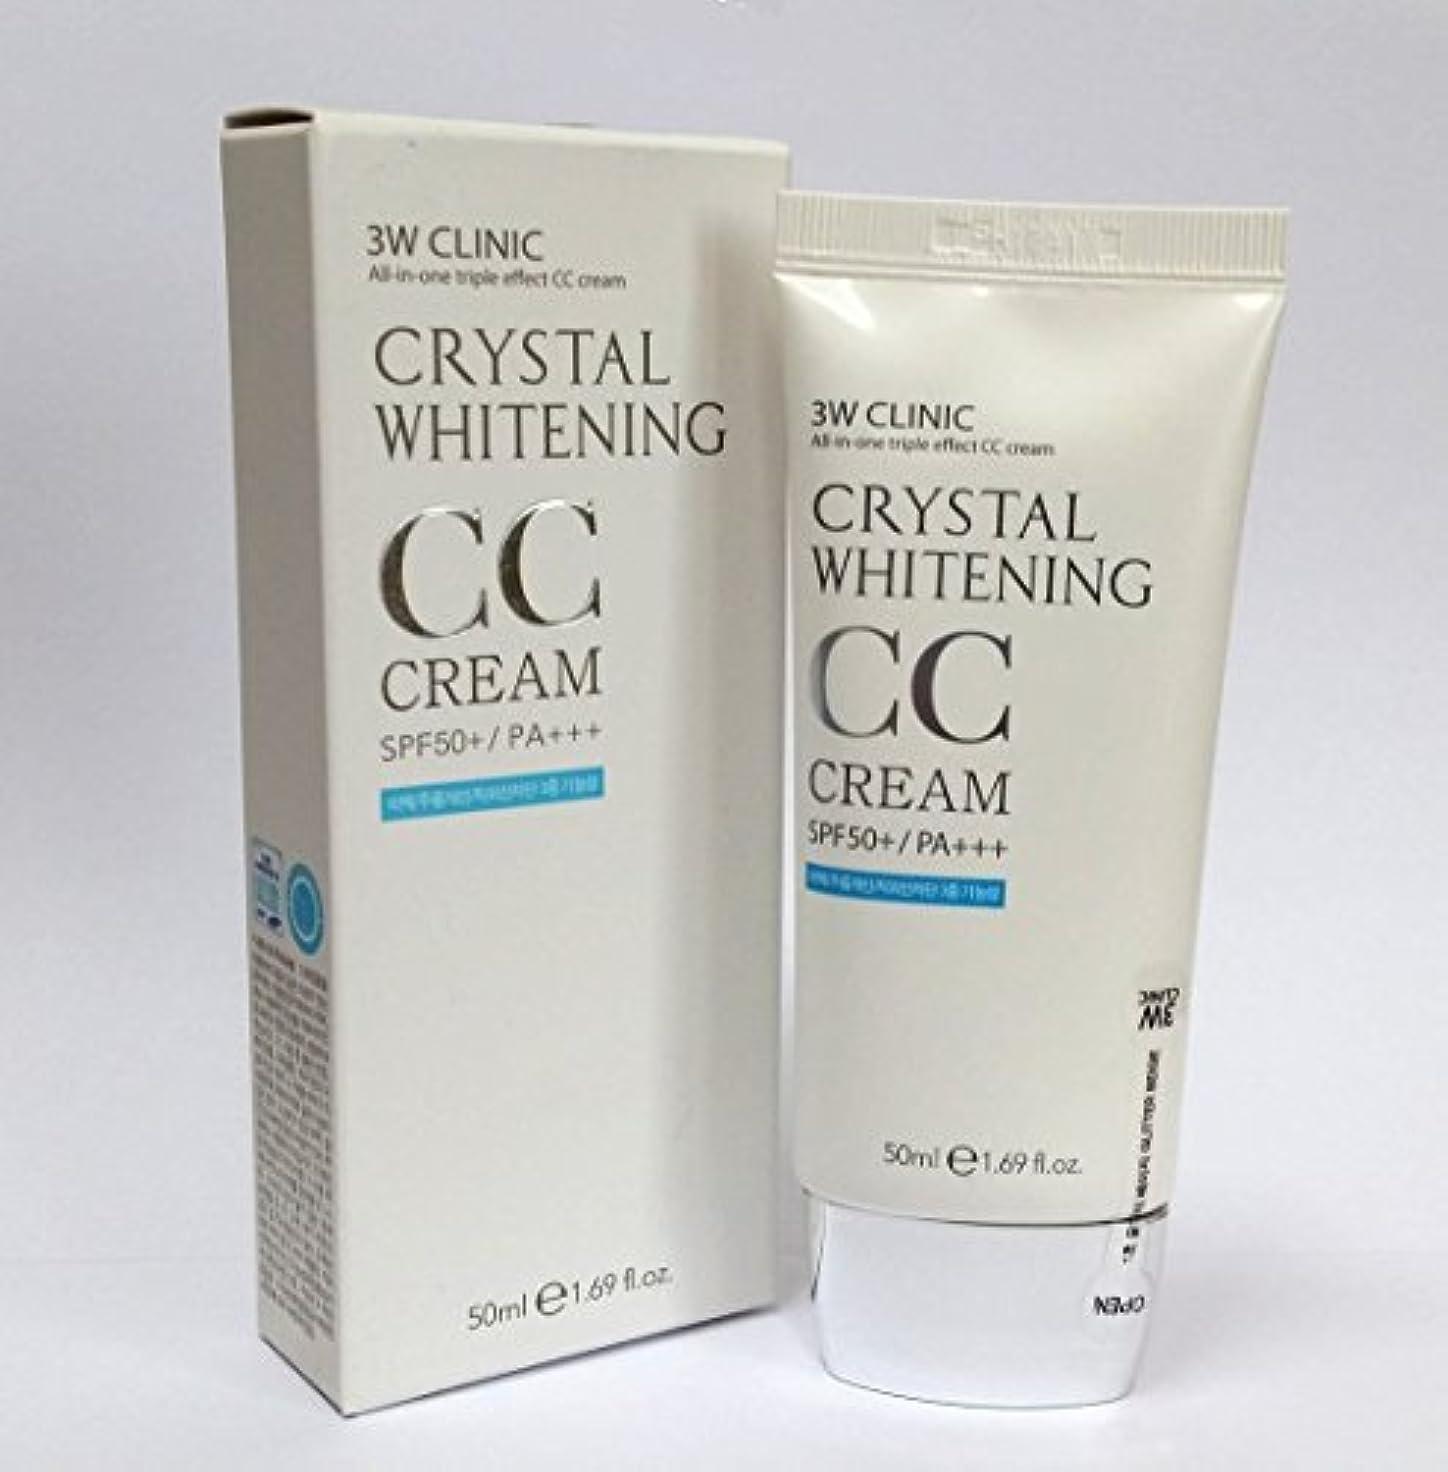 肌ミキサーのヒープ[3W CLINIC] クリスタルホワイトニングCCクリーム50ml SPF50 PA +++ / #02 Natural Beige / Crystal Whitening CC Cream 50ml SPF50 PA...